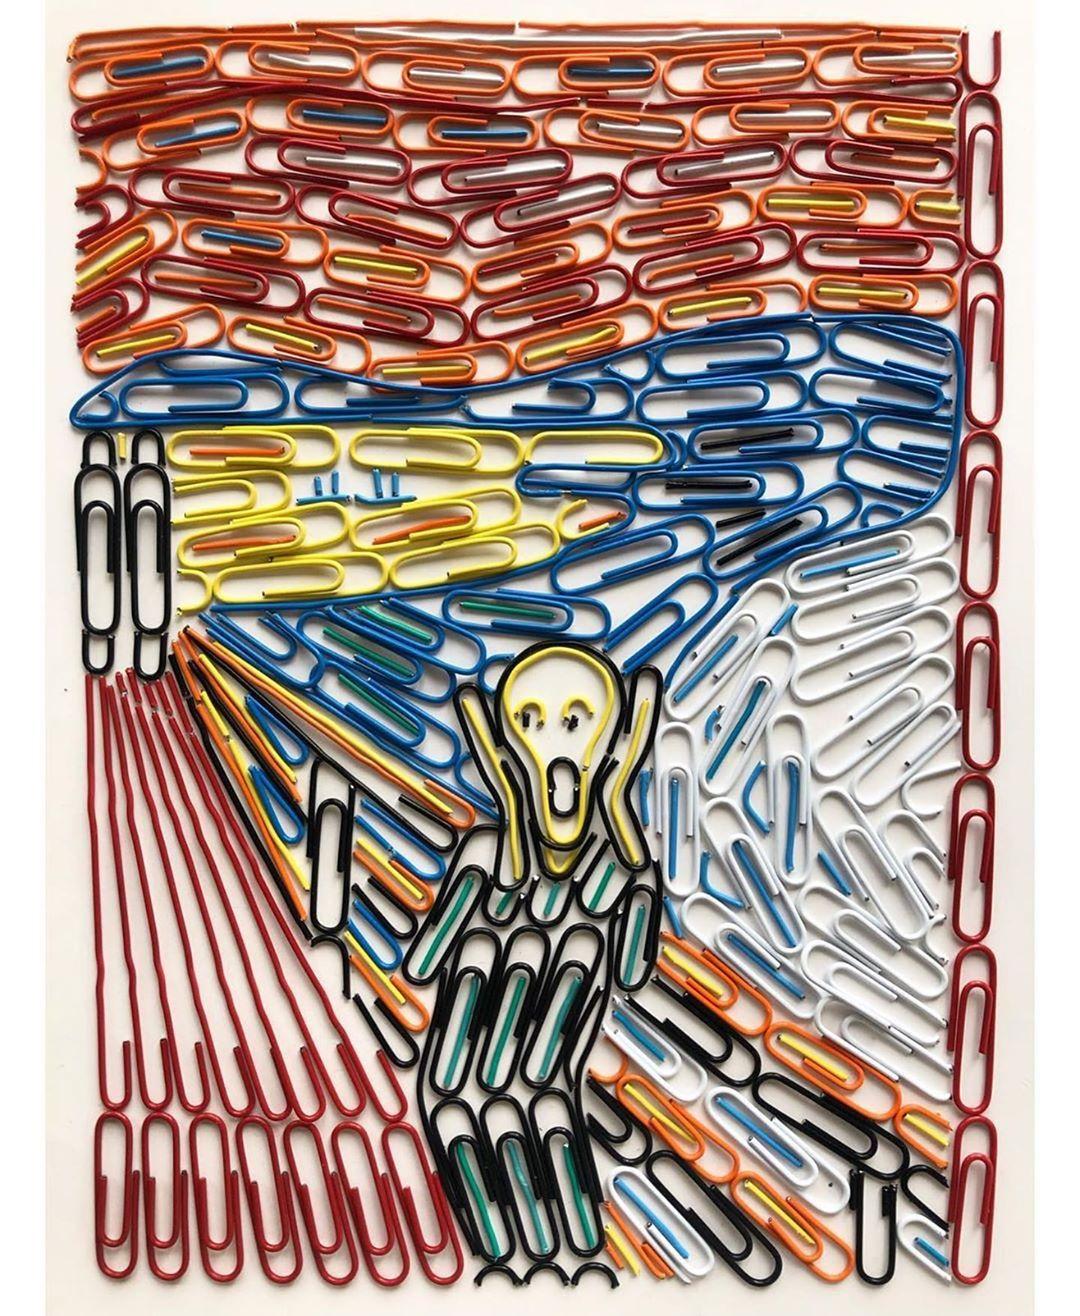 ClipArt based on Edvard Munch\'s The Scream.